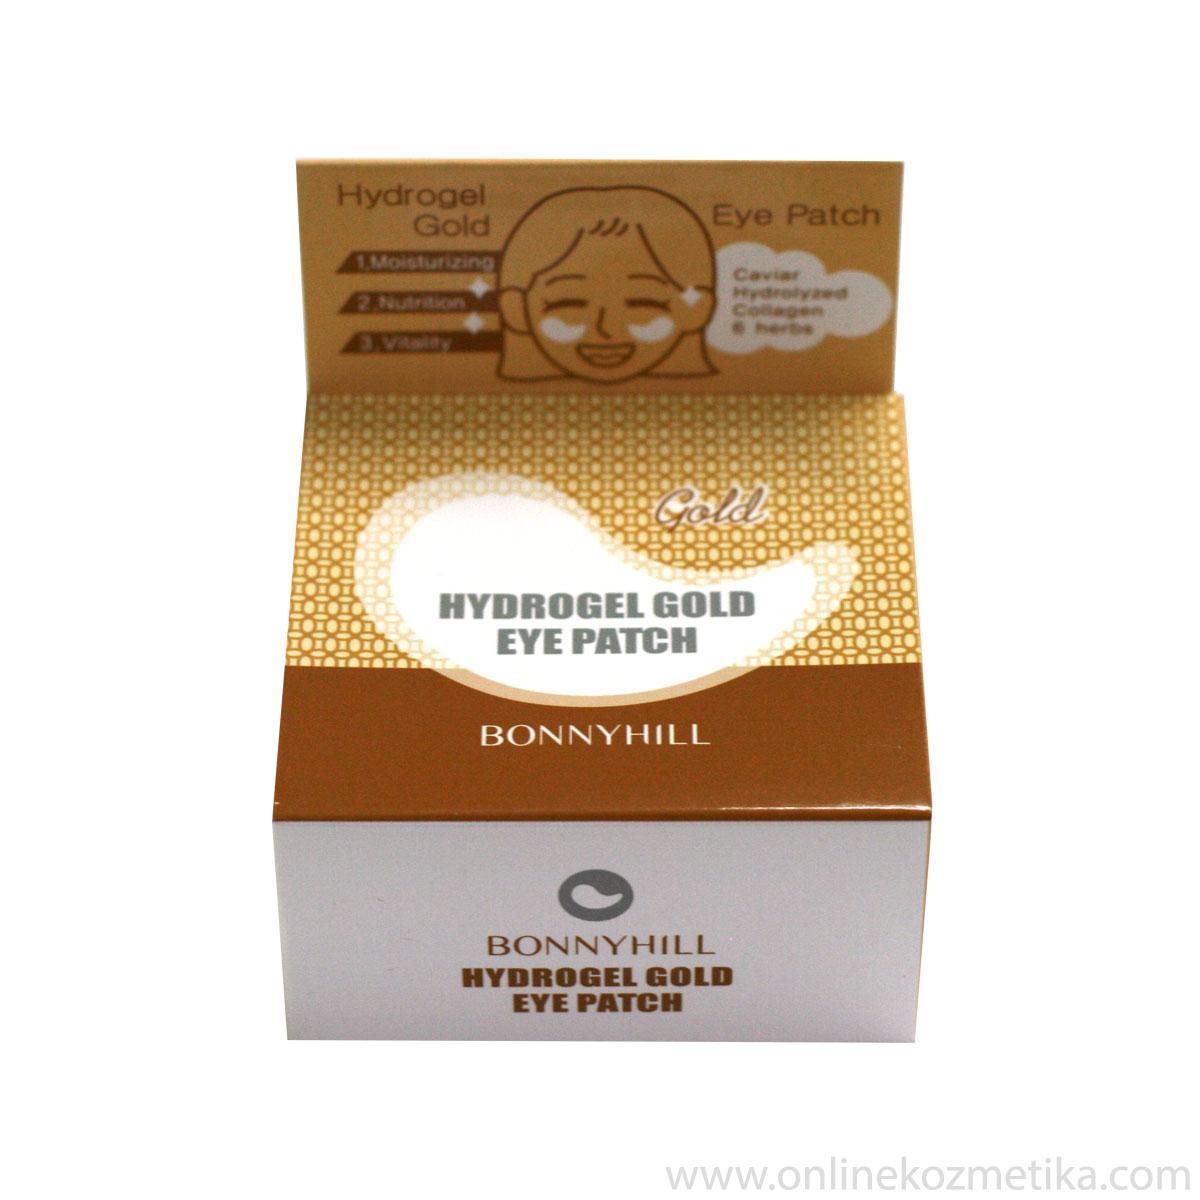 BONNYHILL HYDROGEL GOLD EYEPATCH